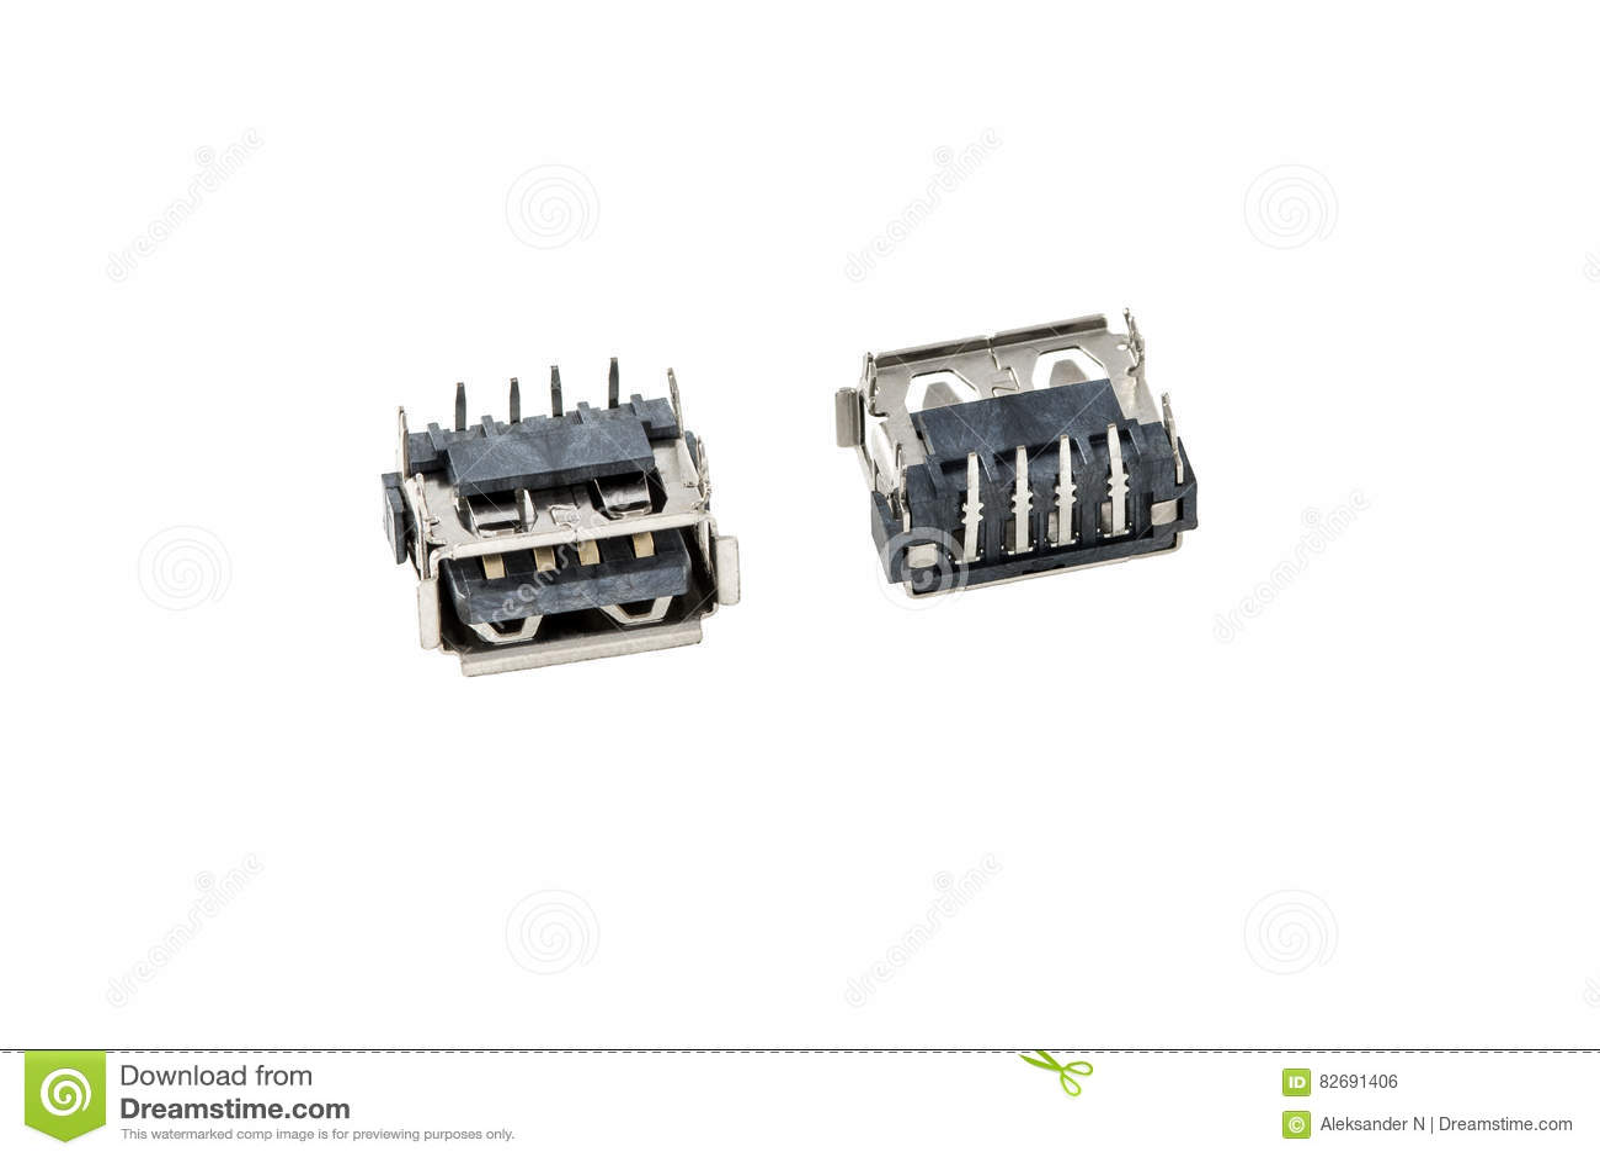 USB Jack, Plug, Socket, Connector For Laptop Notebook